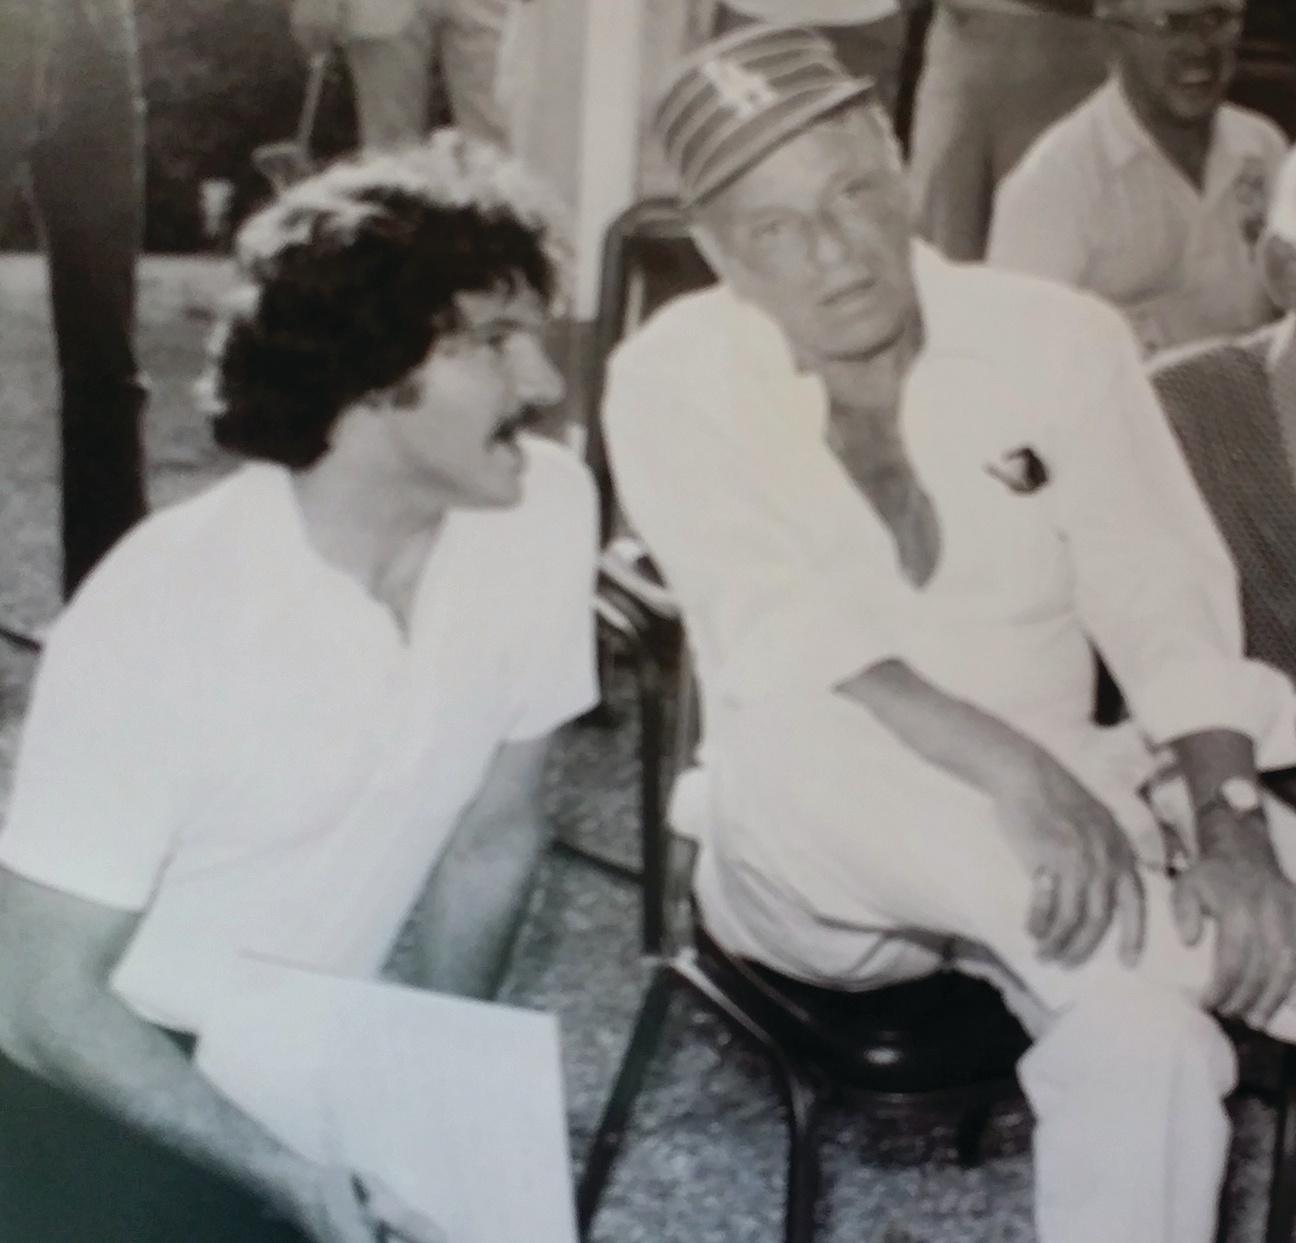 Zas and Frank Sinatra